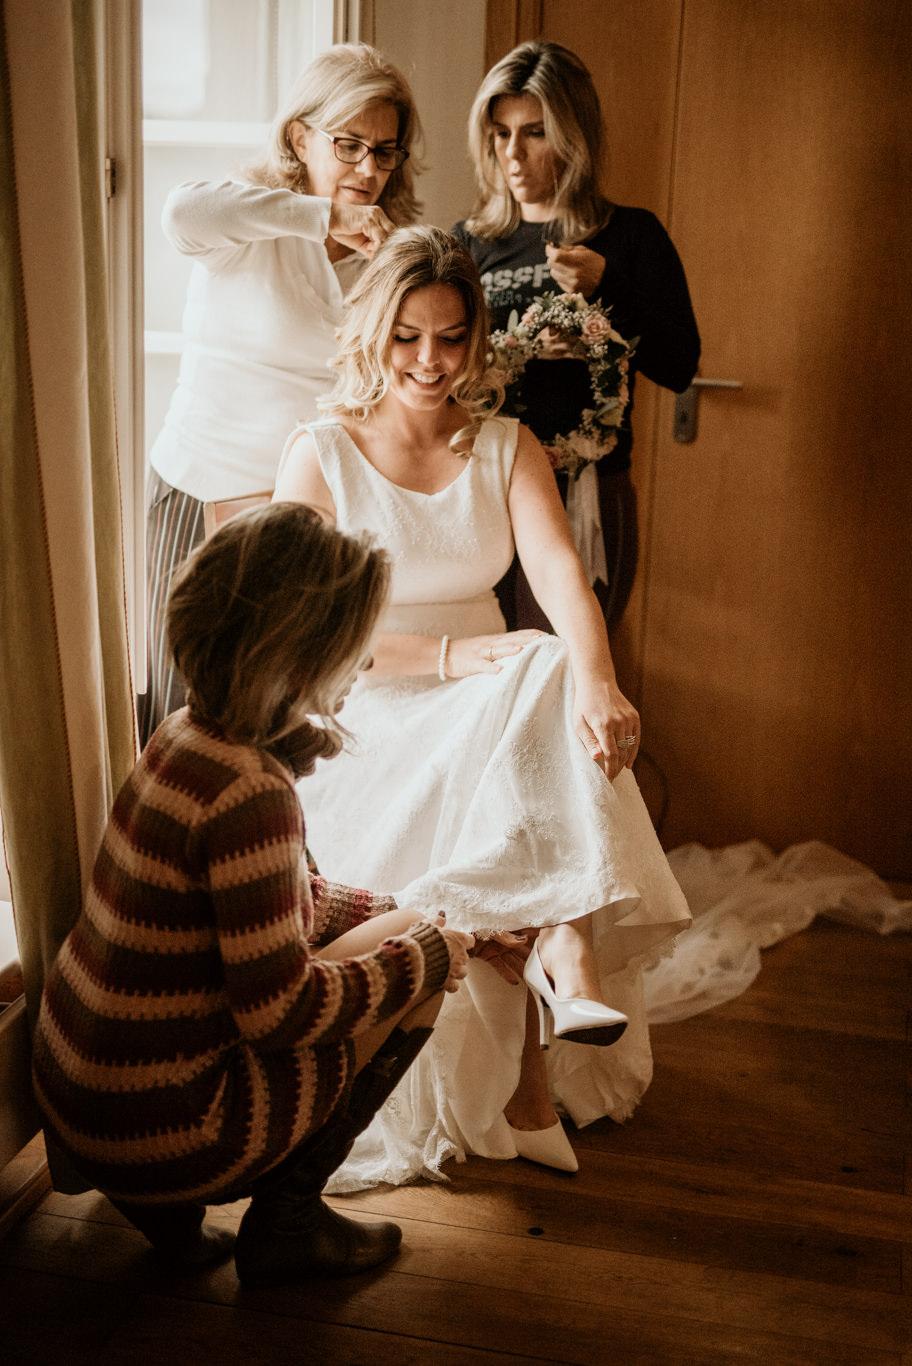 Hochzeitsfotograf Mittelburg Neckarsteinach Hochzeitsfotos Fotograf Hochzeit Wedding Getting Ready Braut